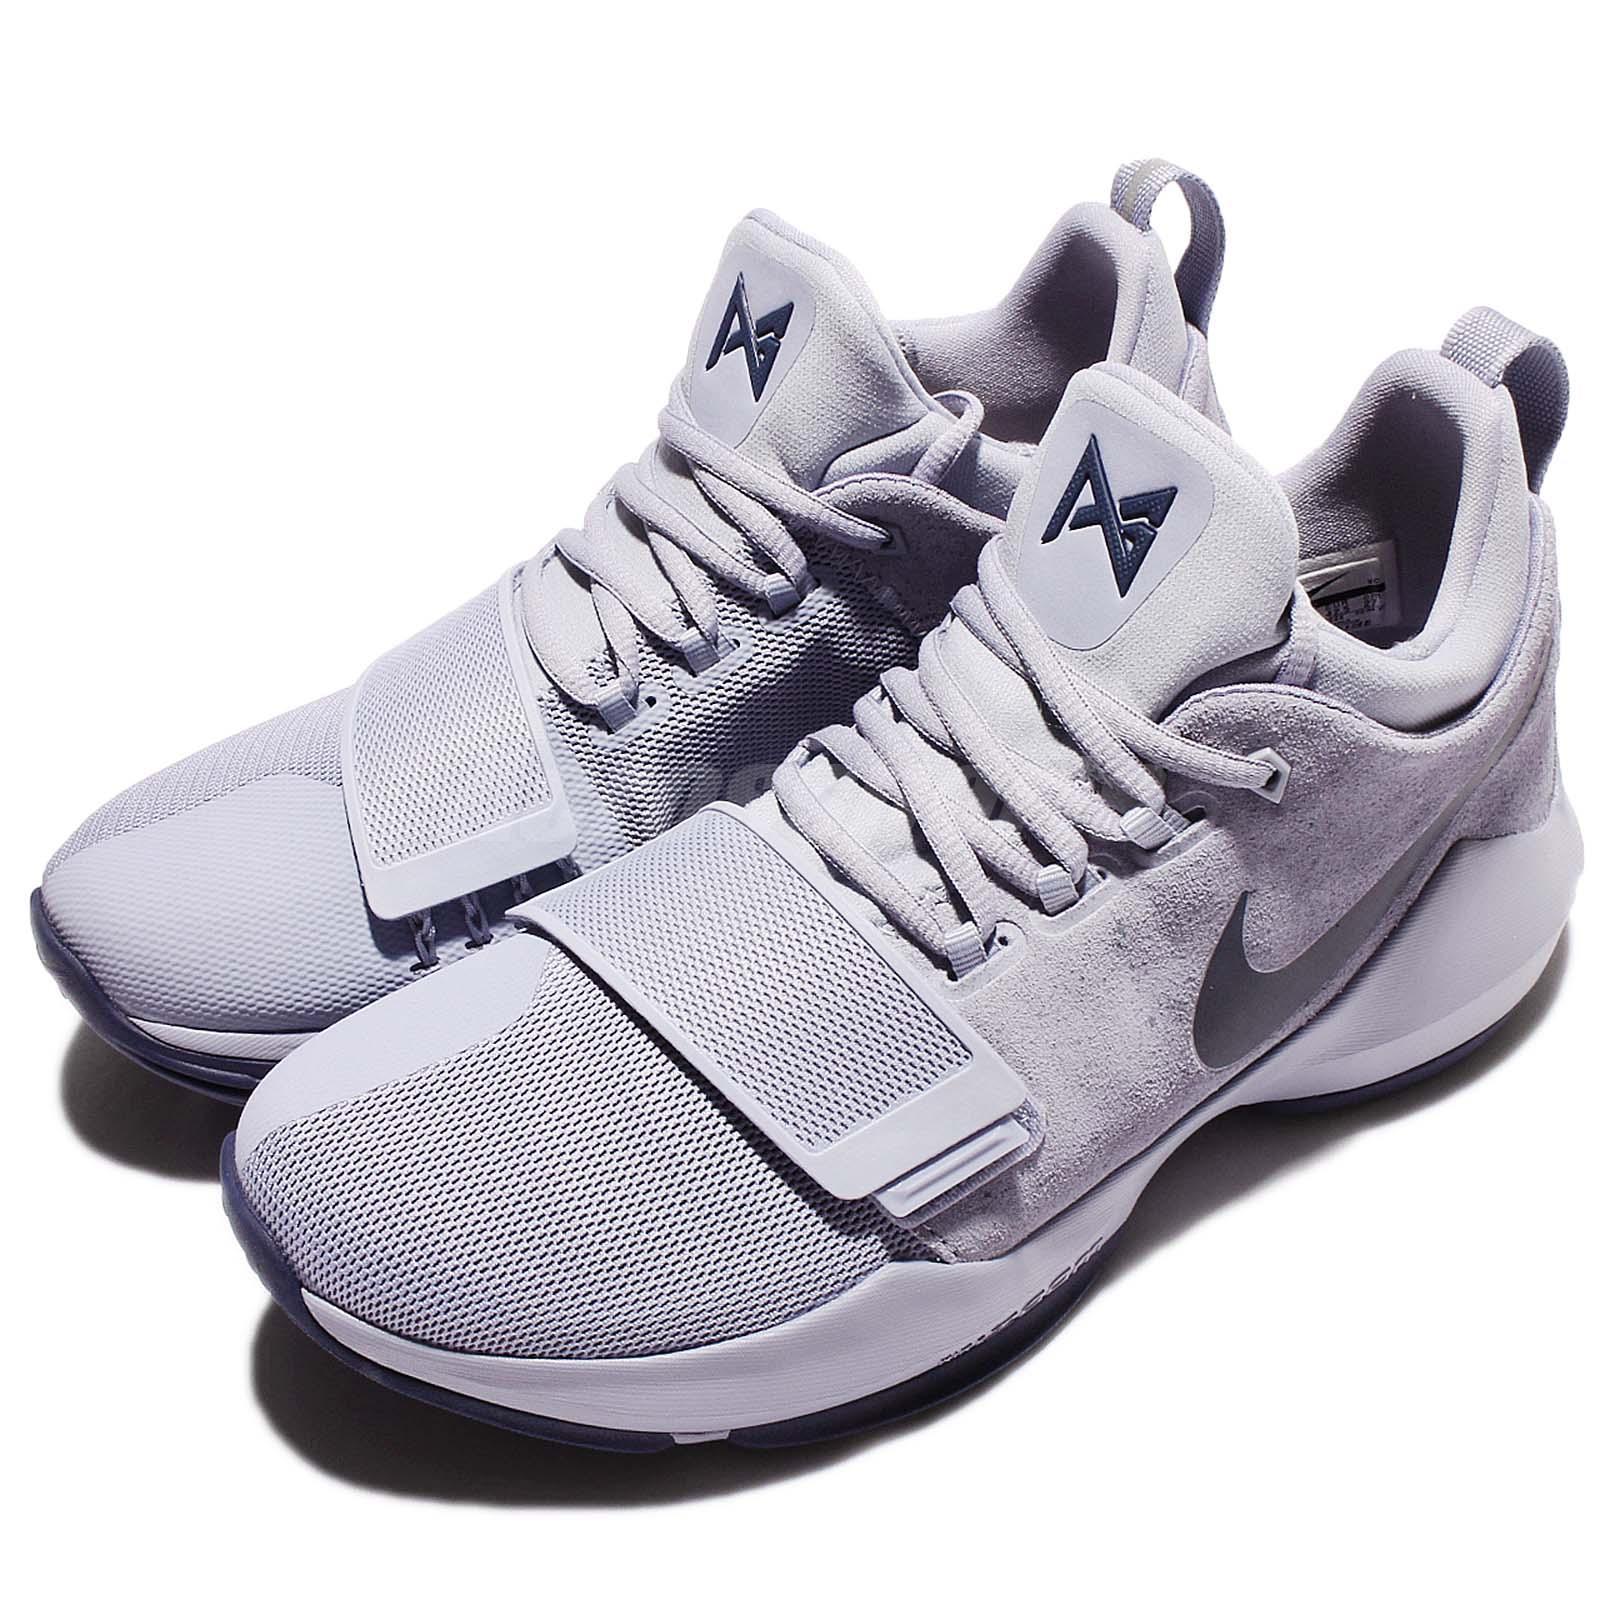 Nike PG1 – Glacier – Full